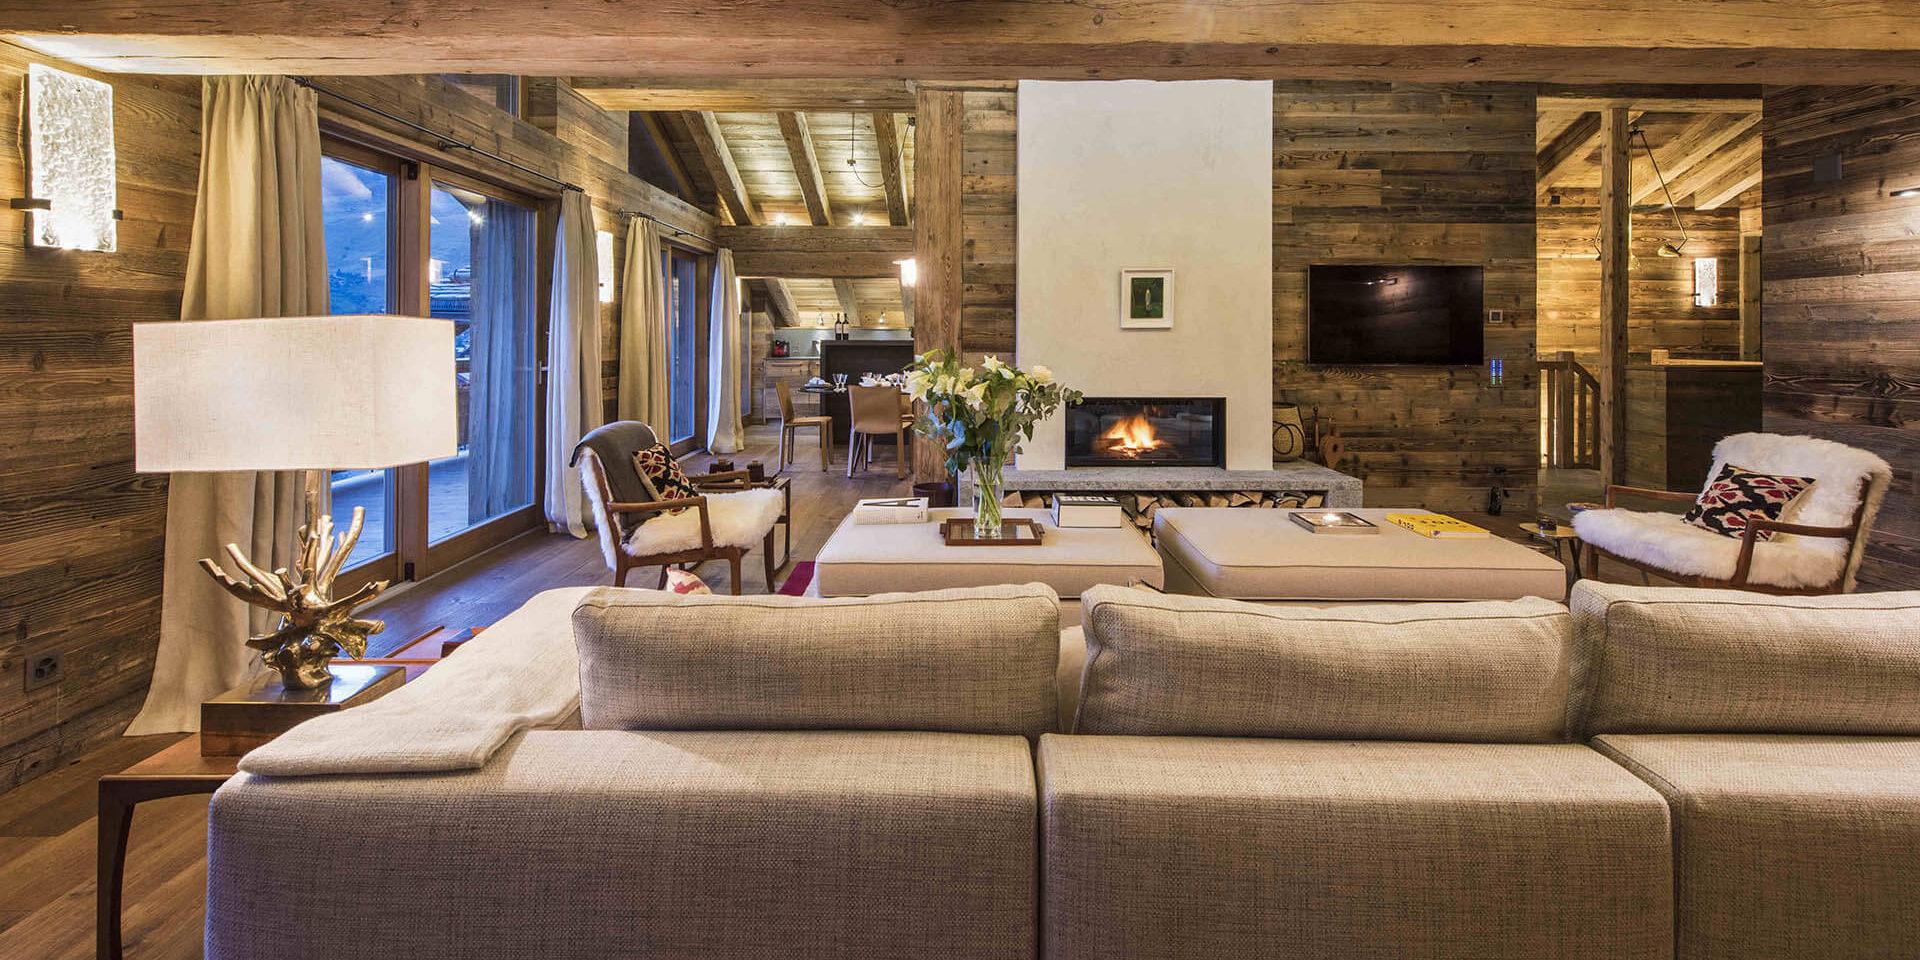 Appartement Place Blanche 2 Verbier Les 4 Vallees Zwitserland wintersport skivakantie luxe living bank fauteuils open haard hockers bloemen lamp houten balken